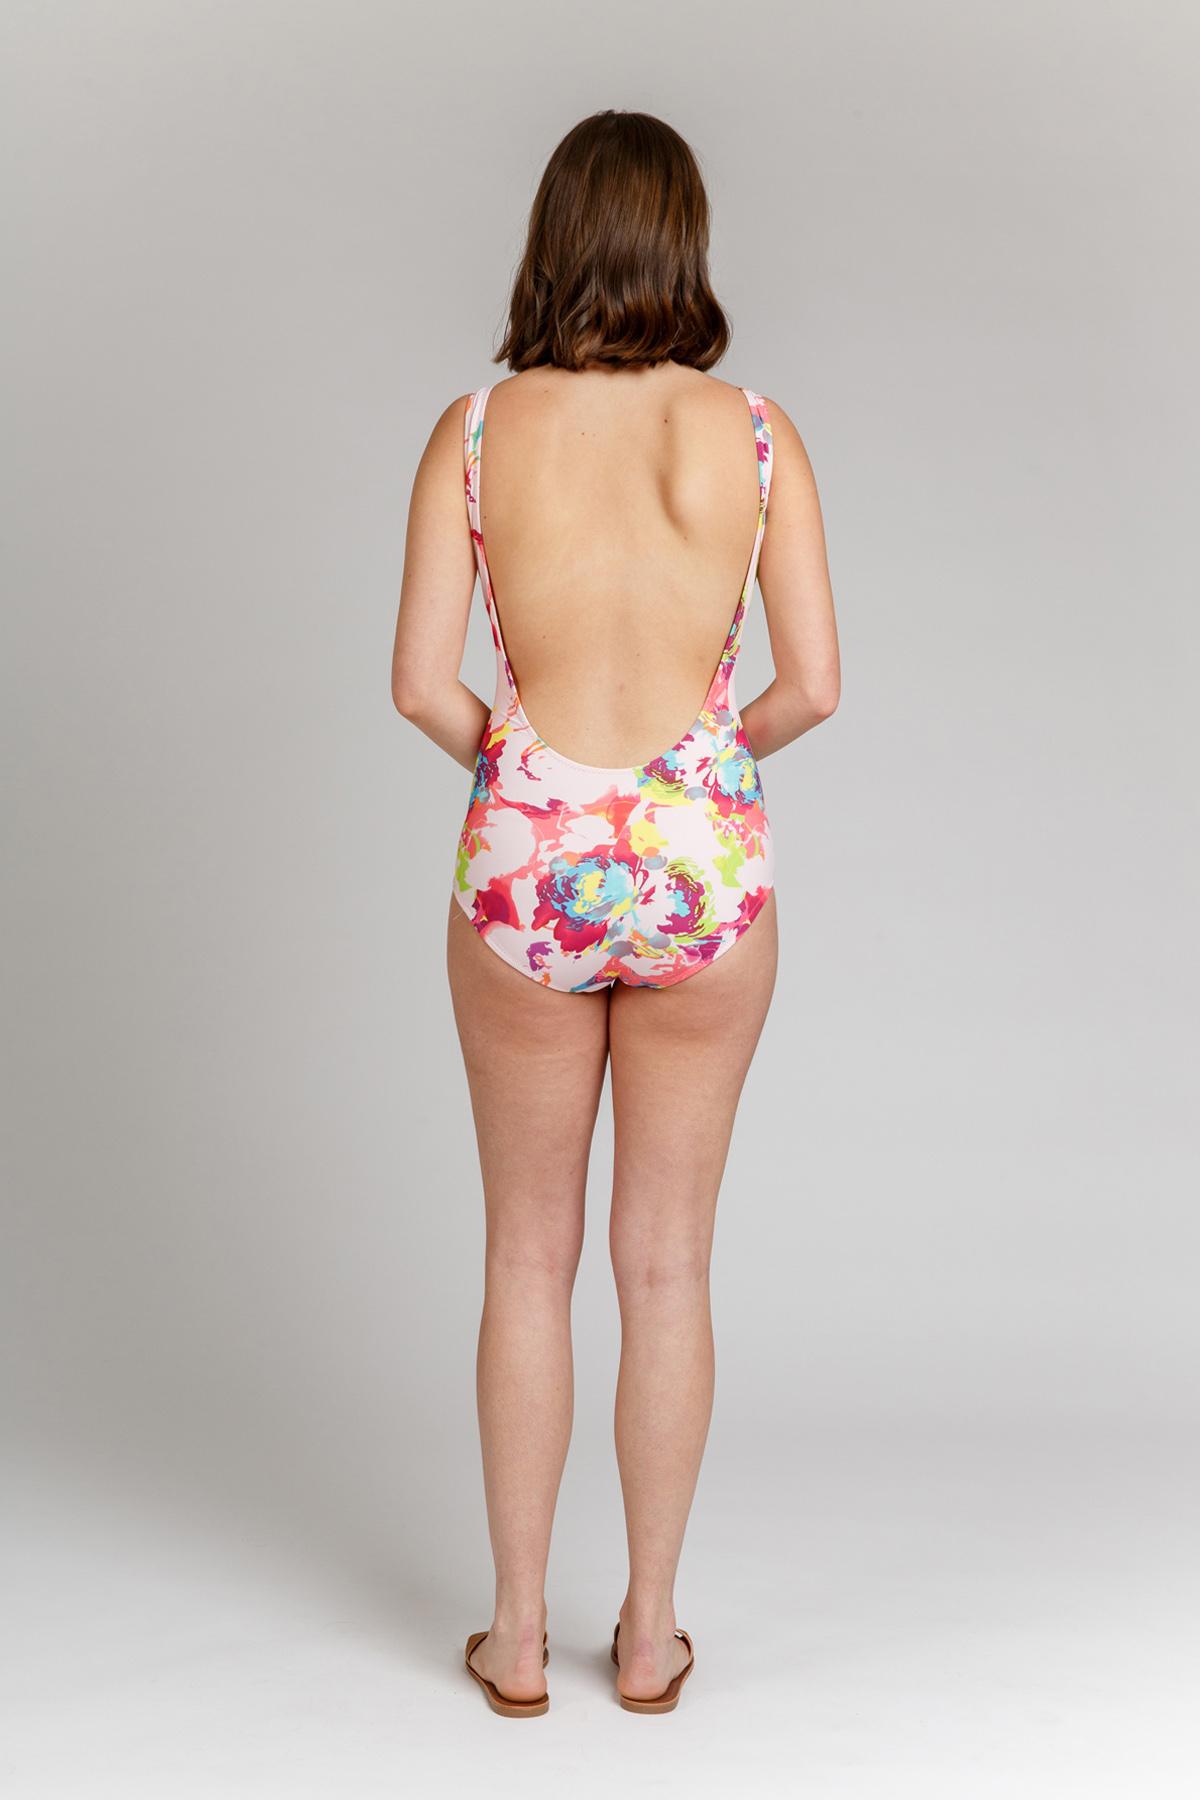 Megan Nielsen Cottesloe Swimsuit View A // Sizes 0-20